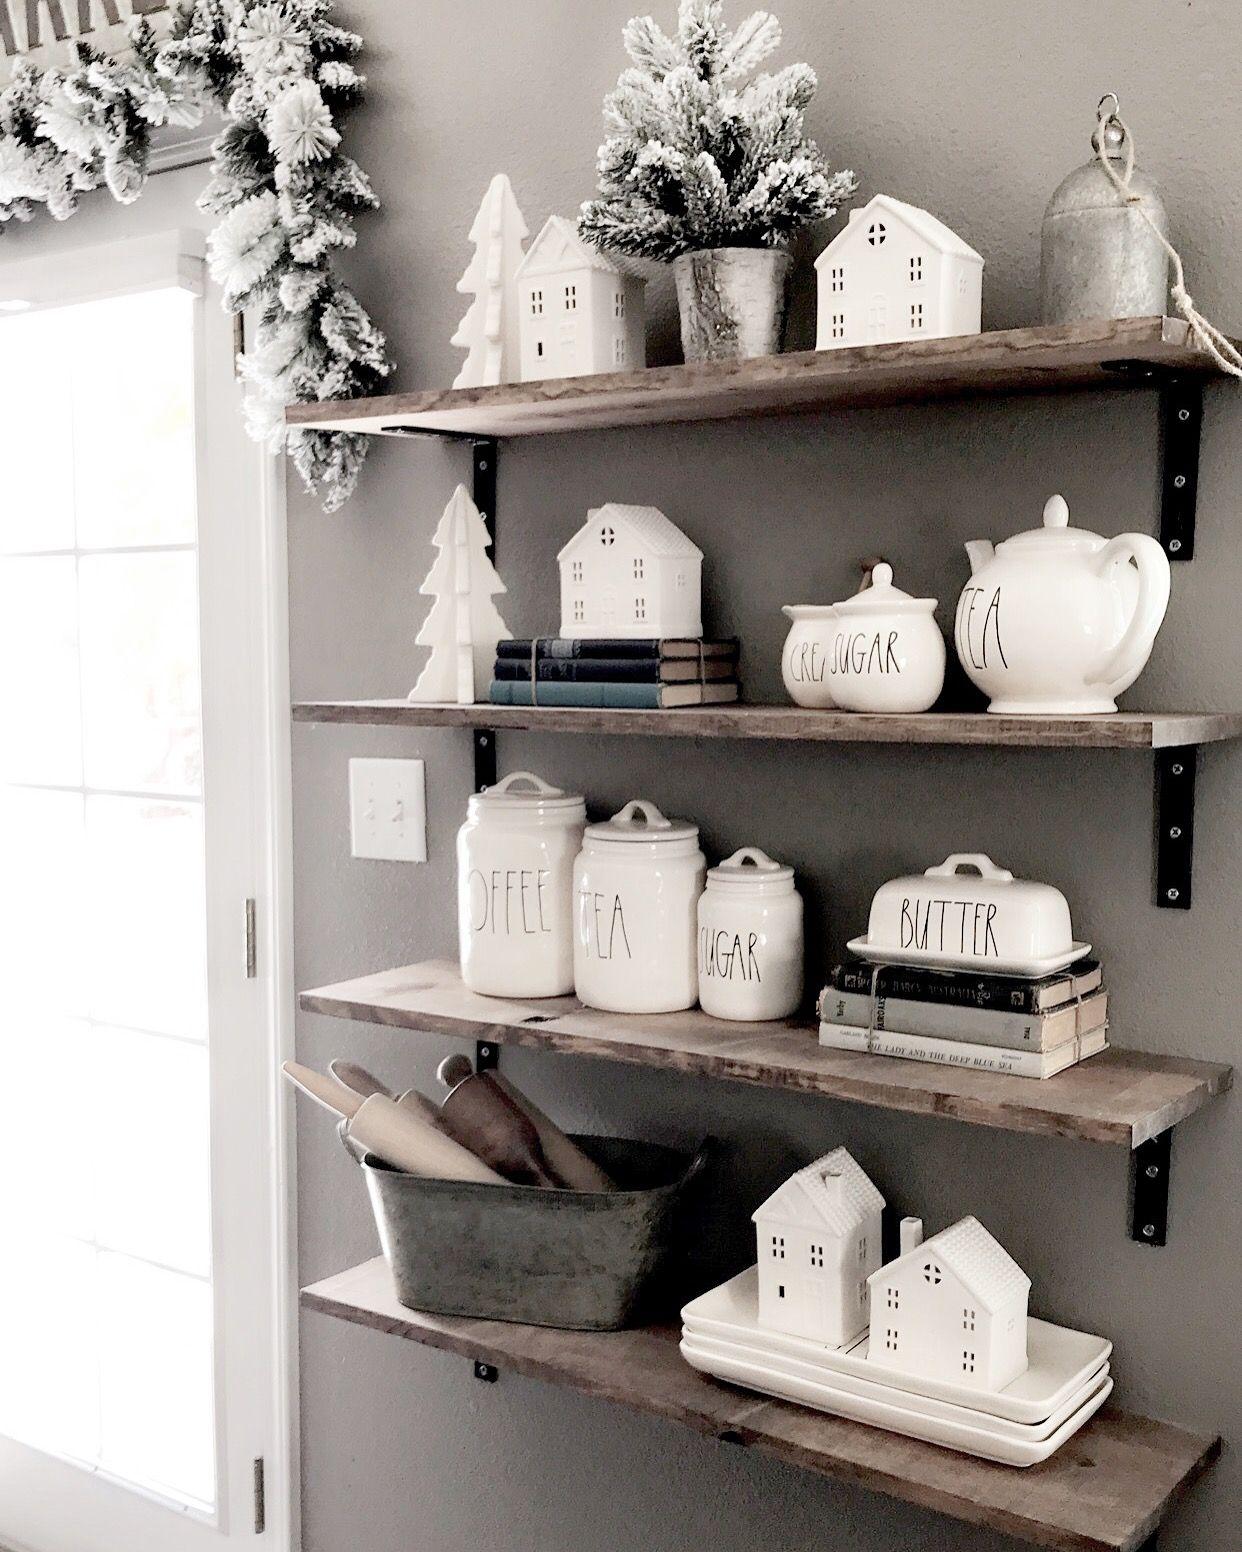 Rae Dunn Farmhouse Christmas Target Little White Houses Kitchen Shelf Decor Home Decor Little White House